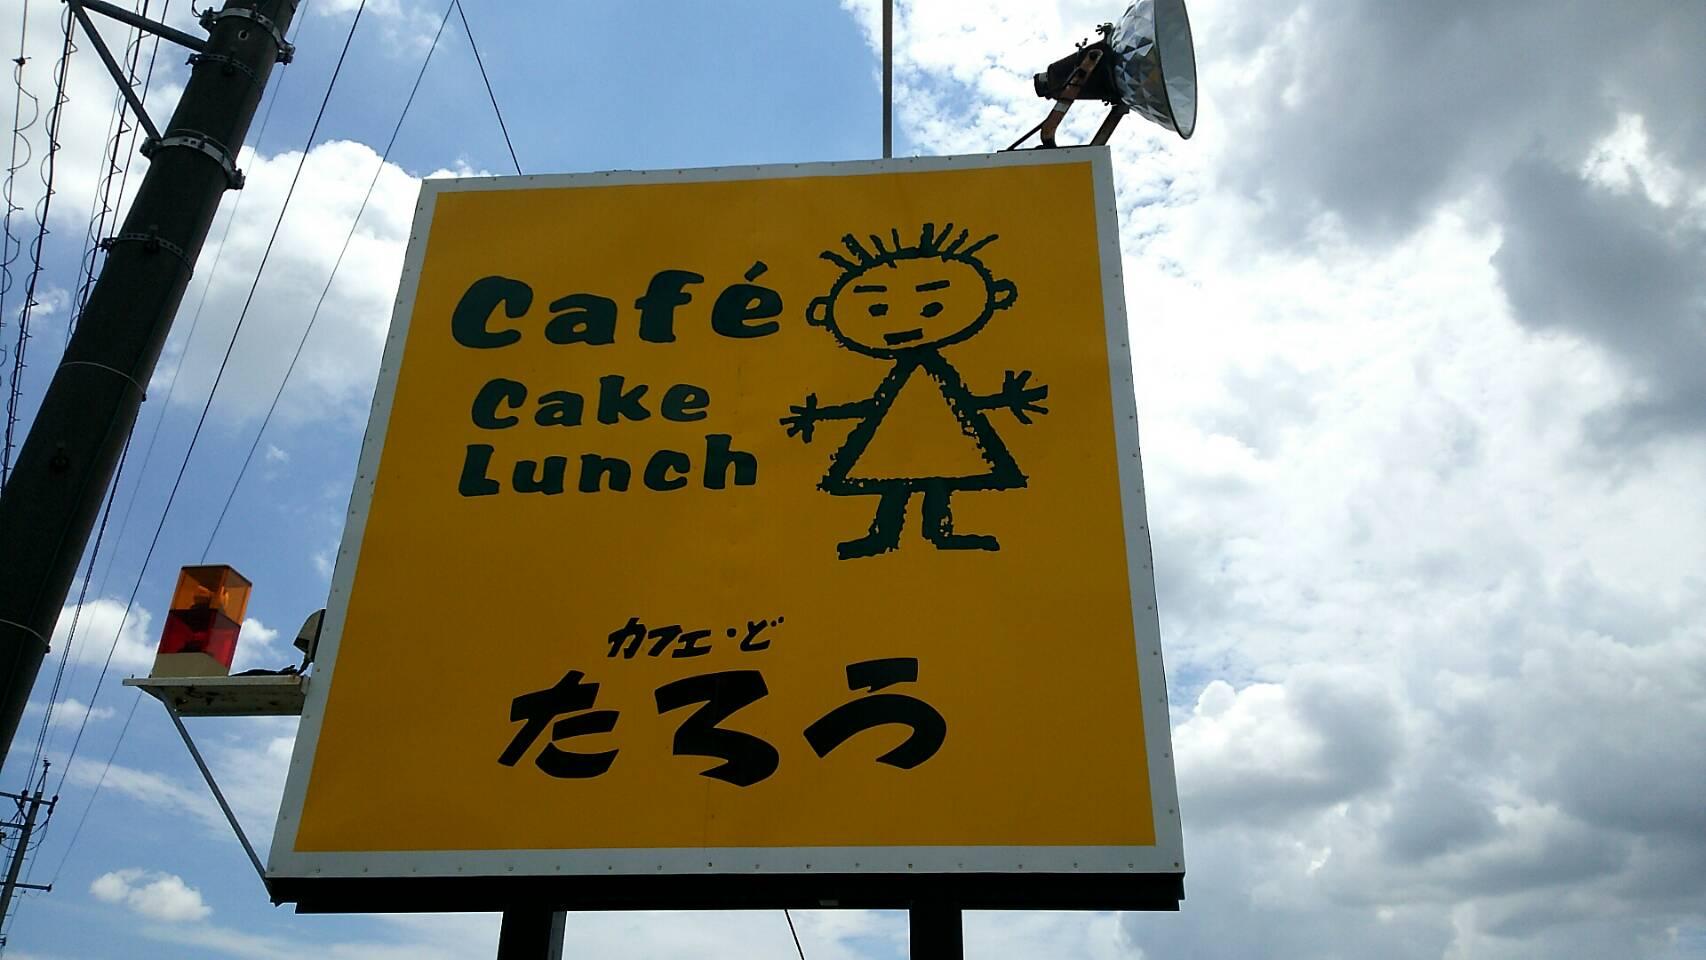 【レビュー】豊田市畝部東町 カフェ・ど・たろうに行ってきた